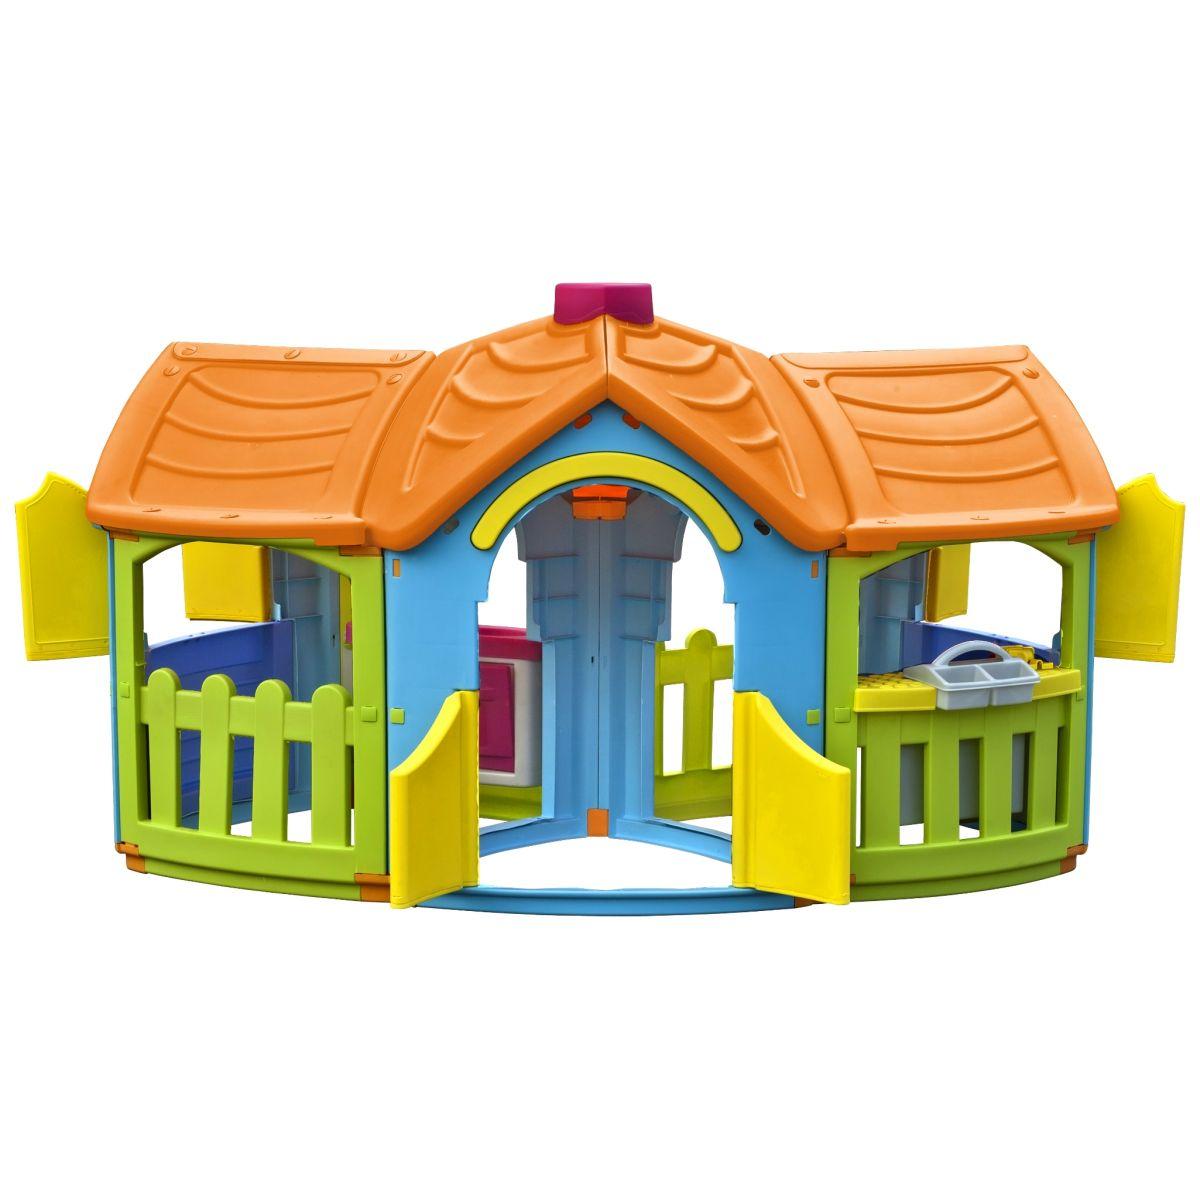 Marian Plast Dětský zahradní domeček Grand Villa - Oranžová střecha